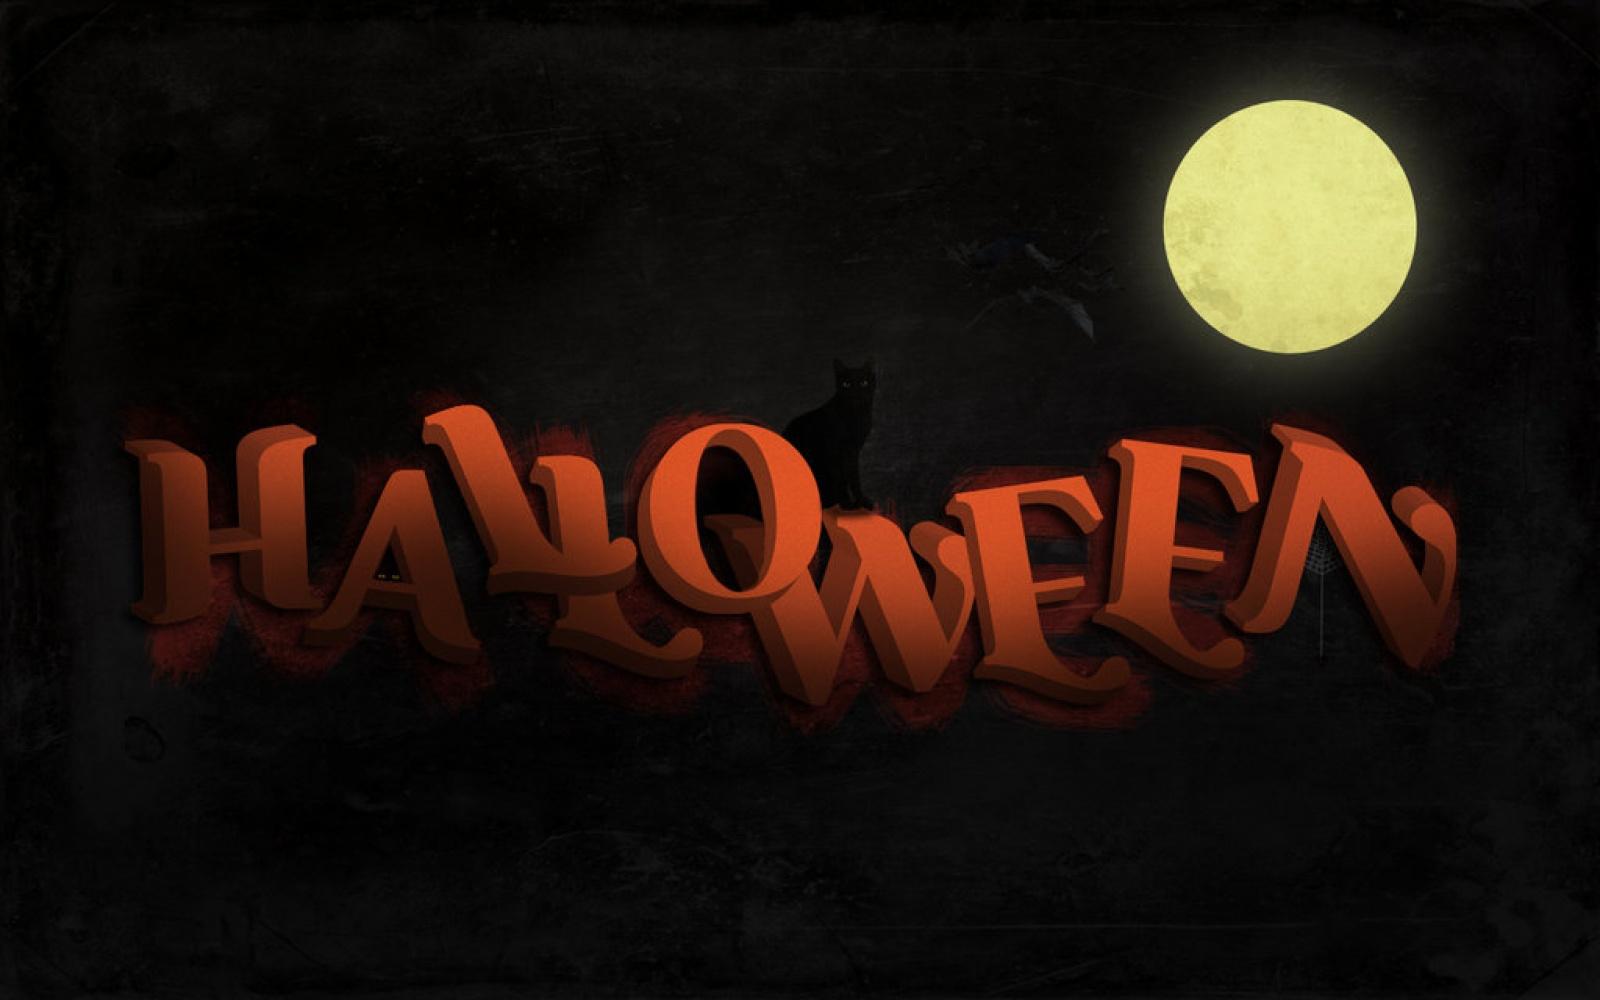 Happy Halloween Wallpaper Hd Dekstop